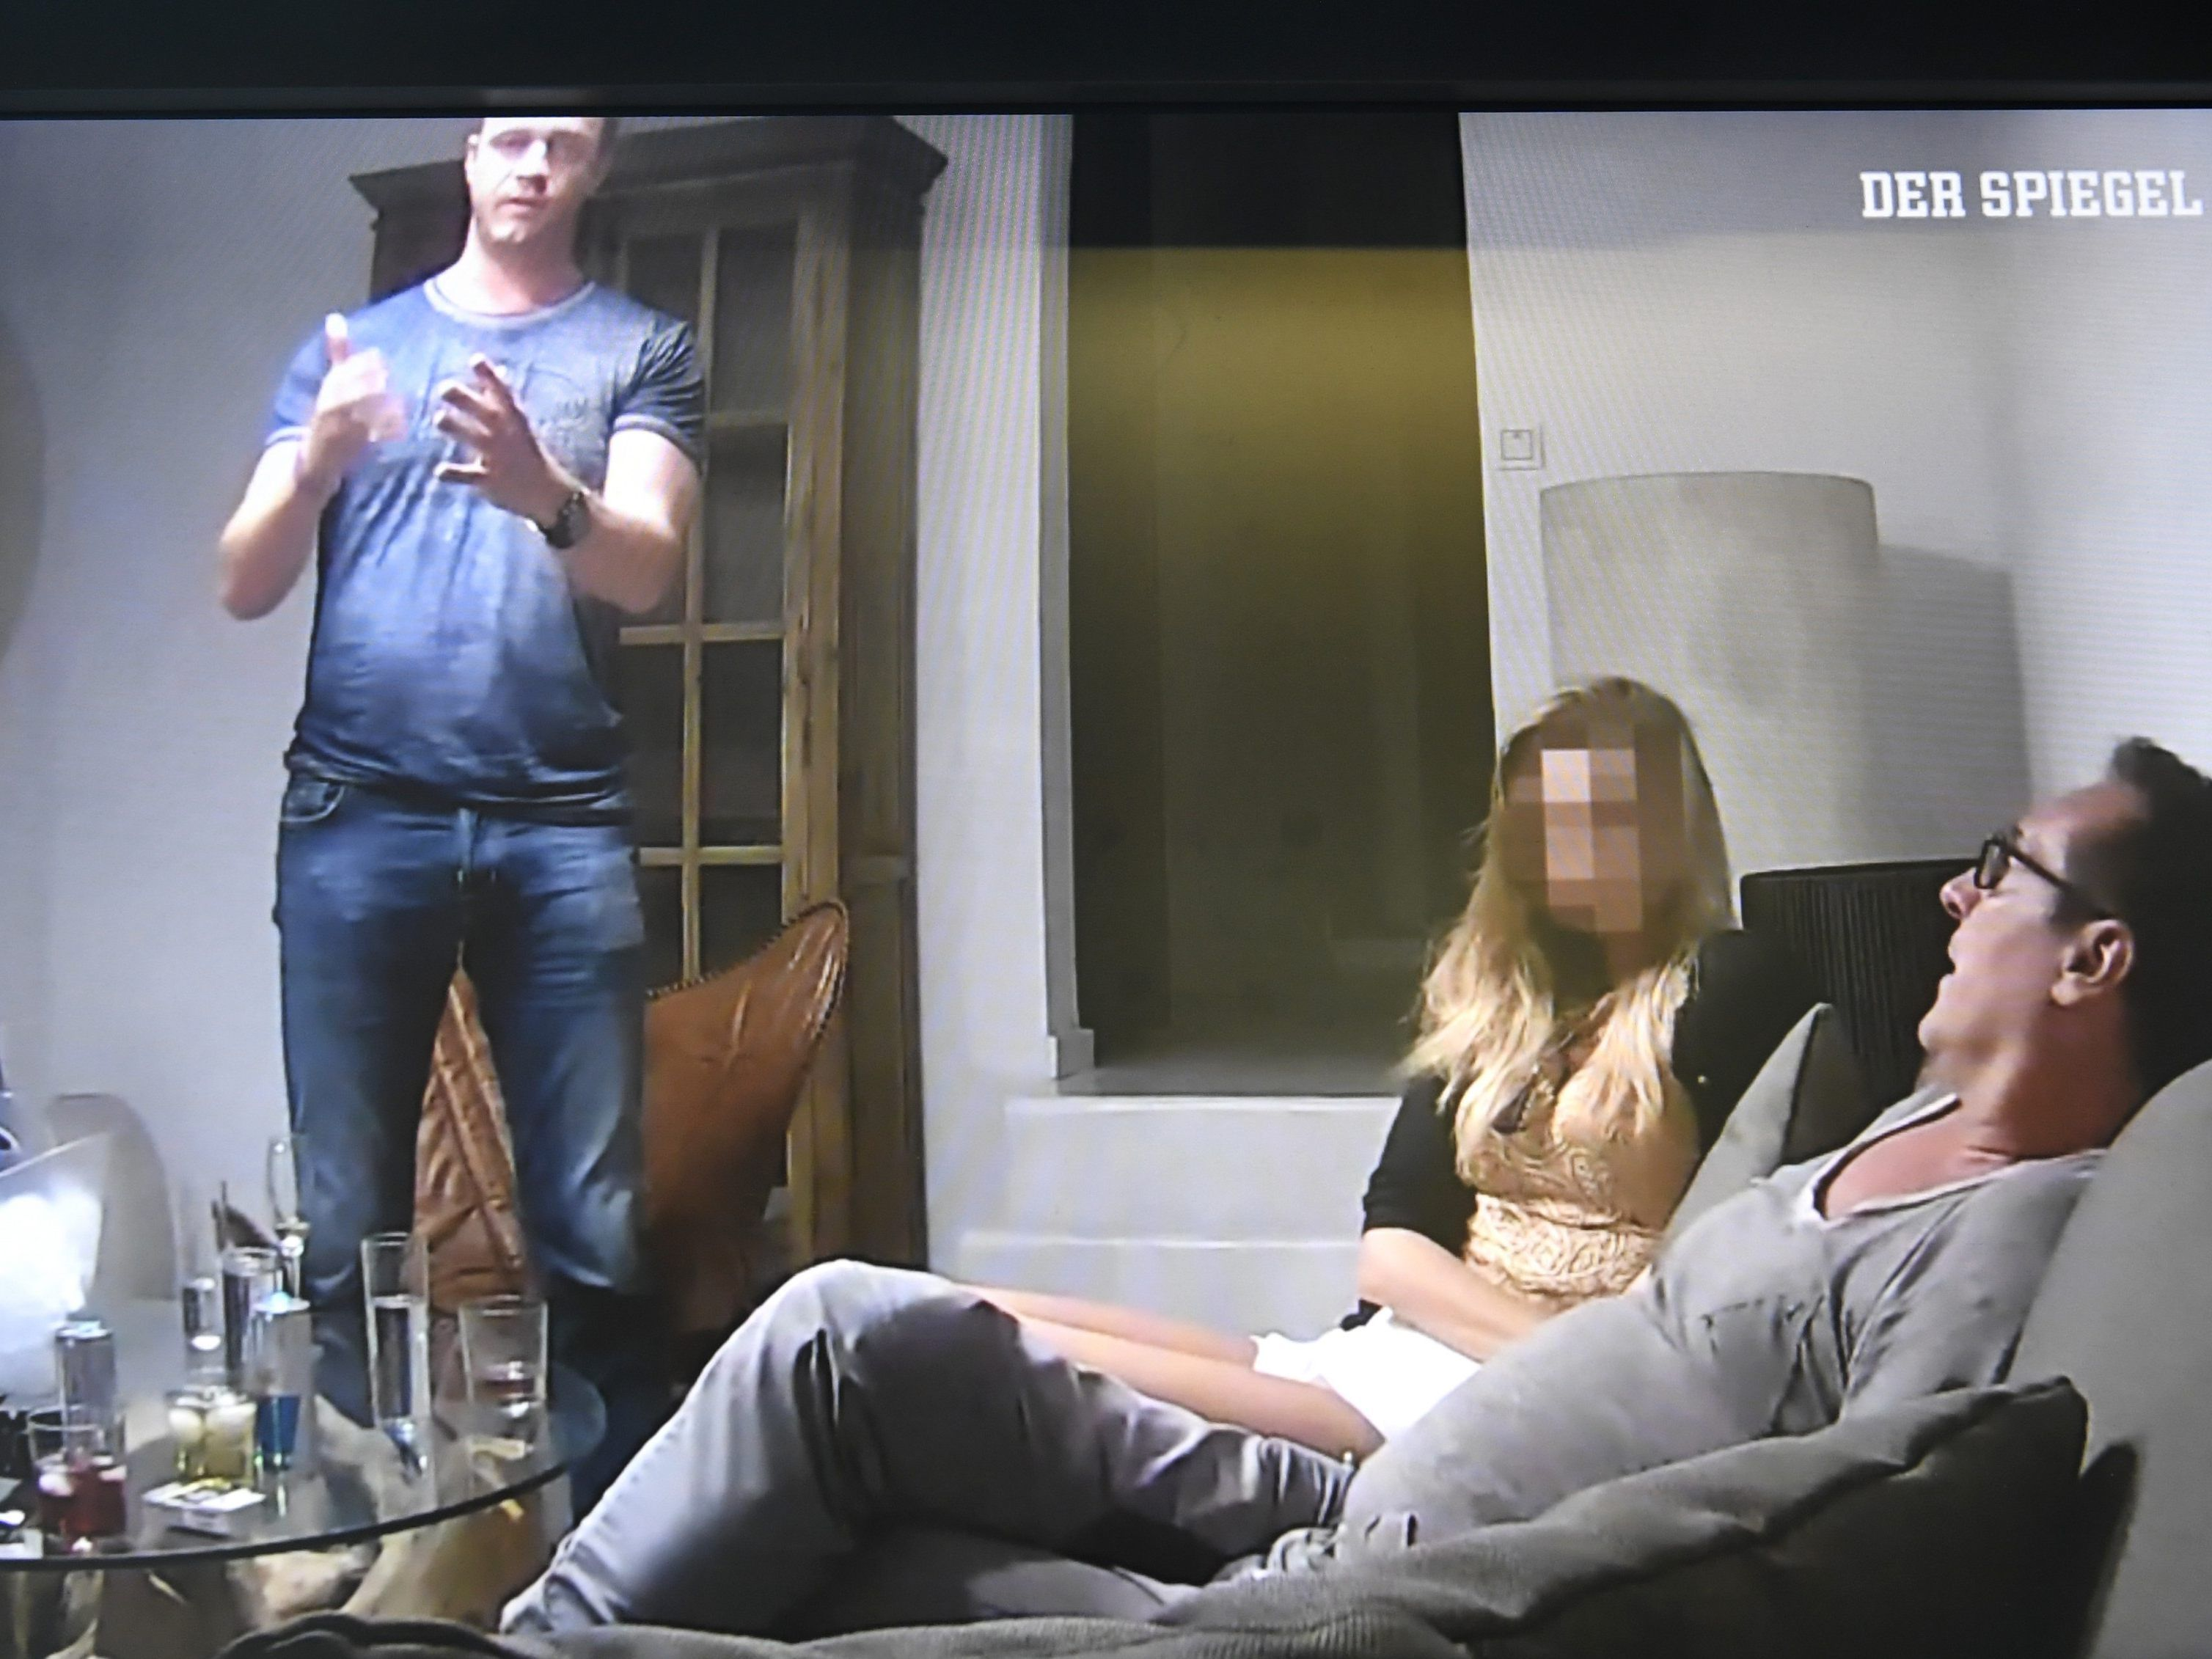 Ibiza-Video: Strache wollte